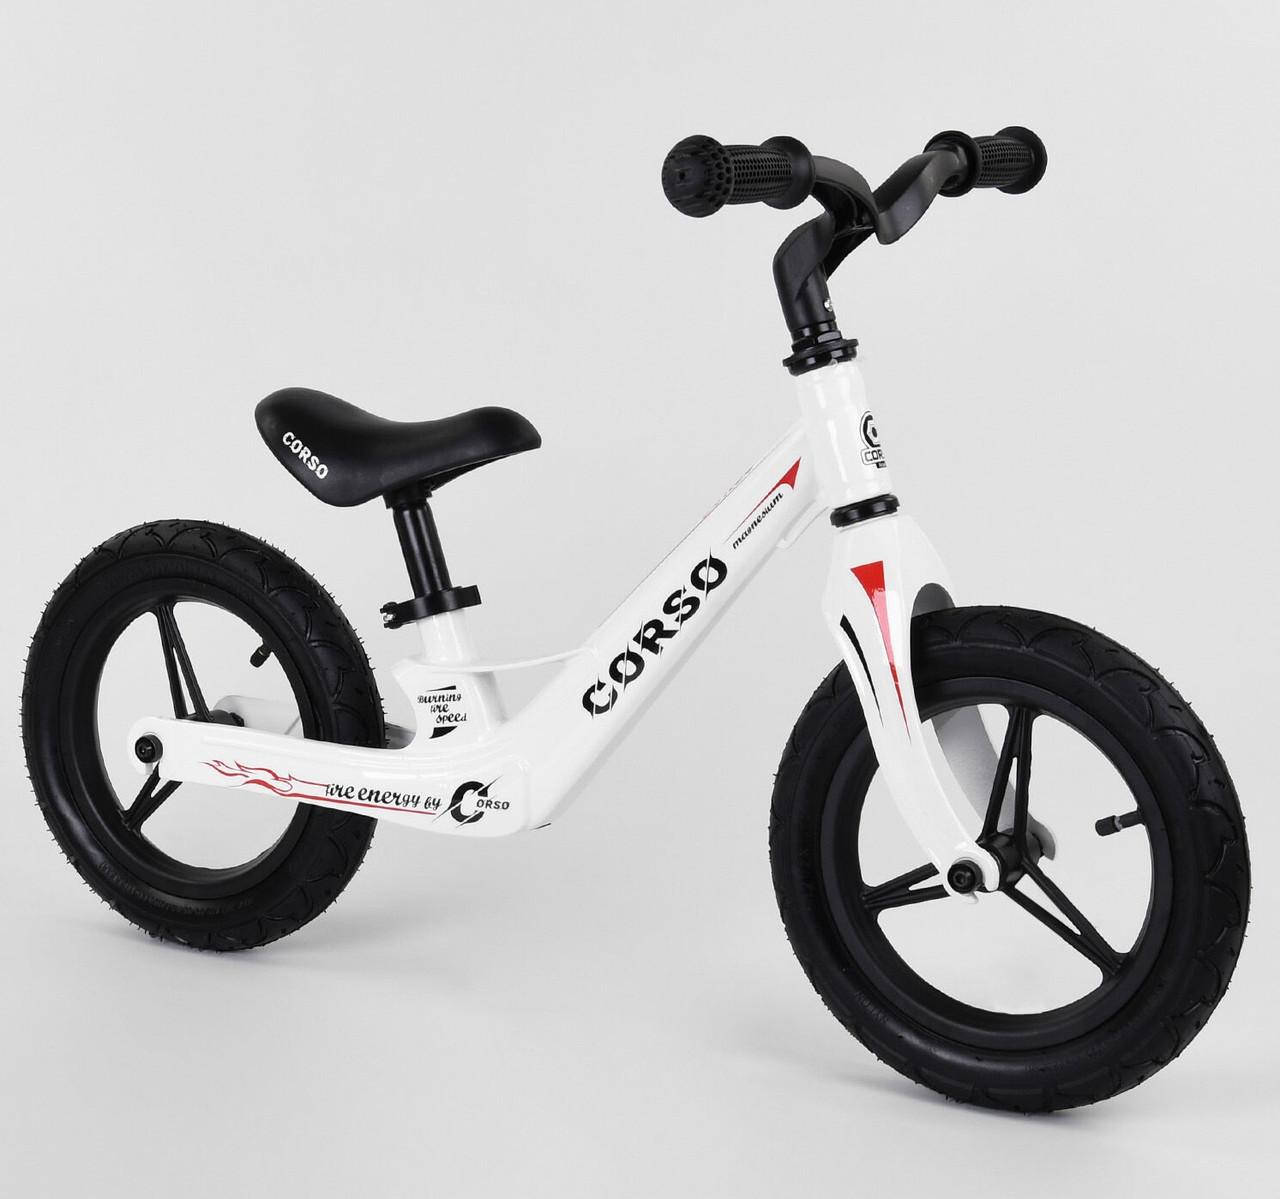 Велобіг від Corso 969 надувні колеса 12 дюймів, магнієва рама, магнієвий кермо, беговел, ровер